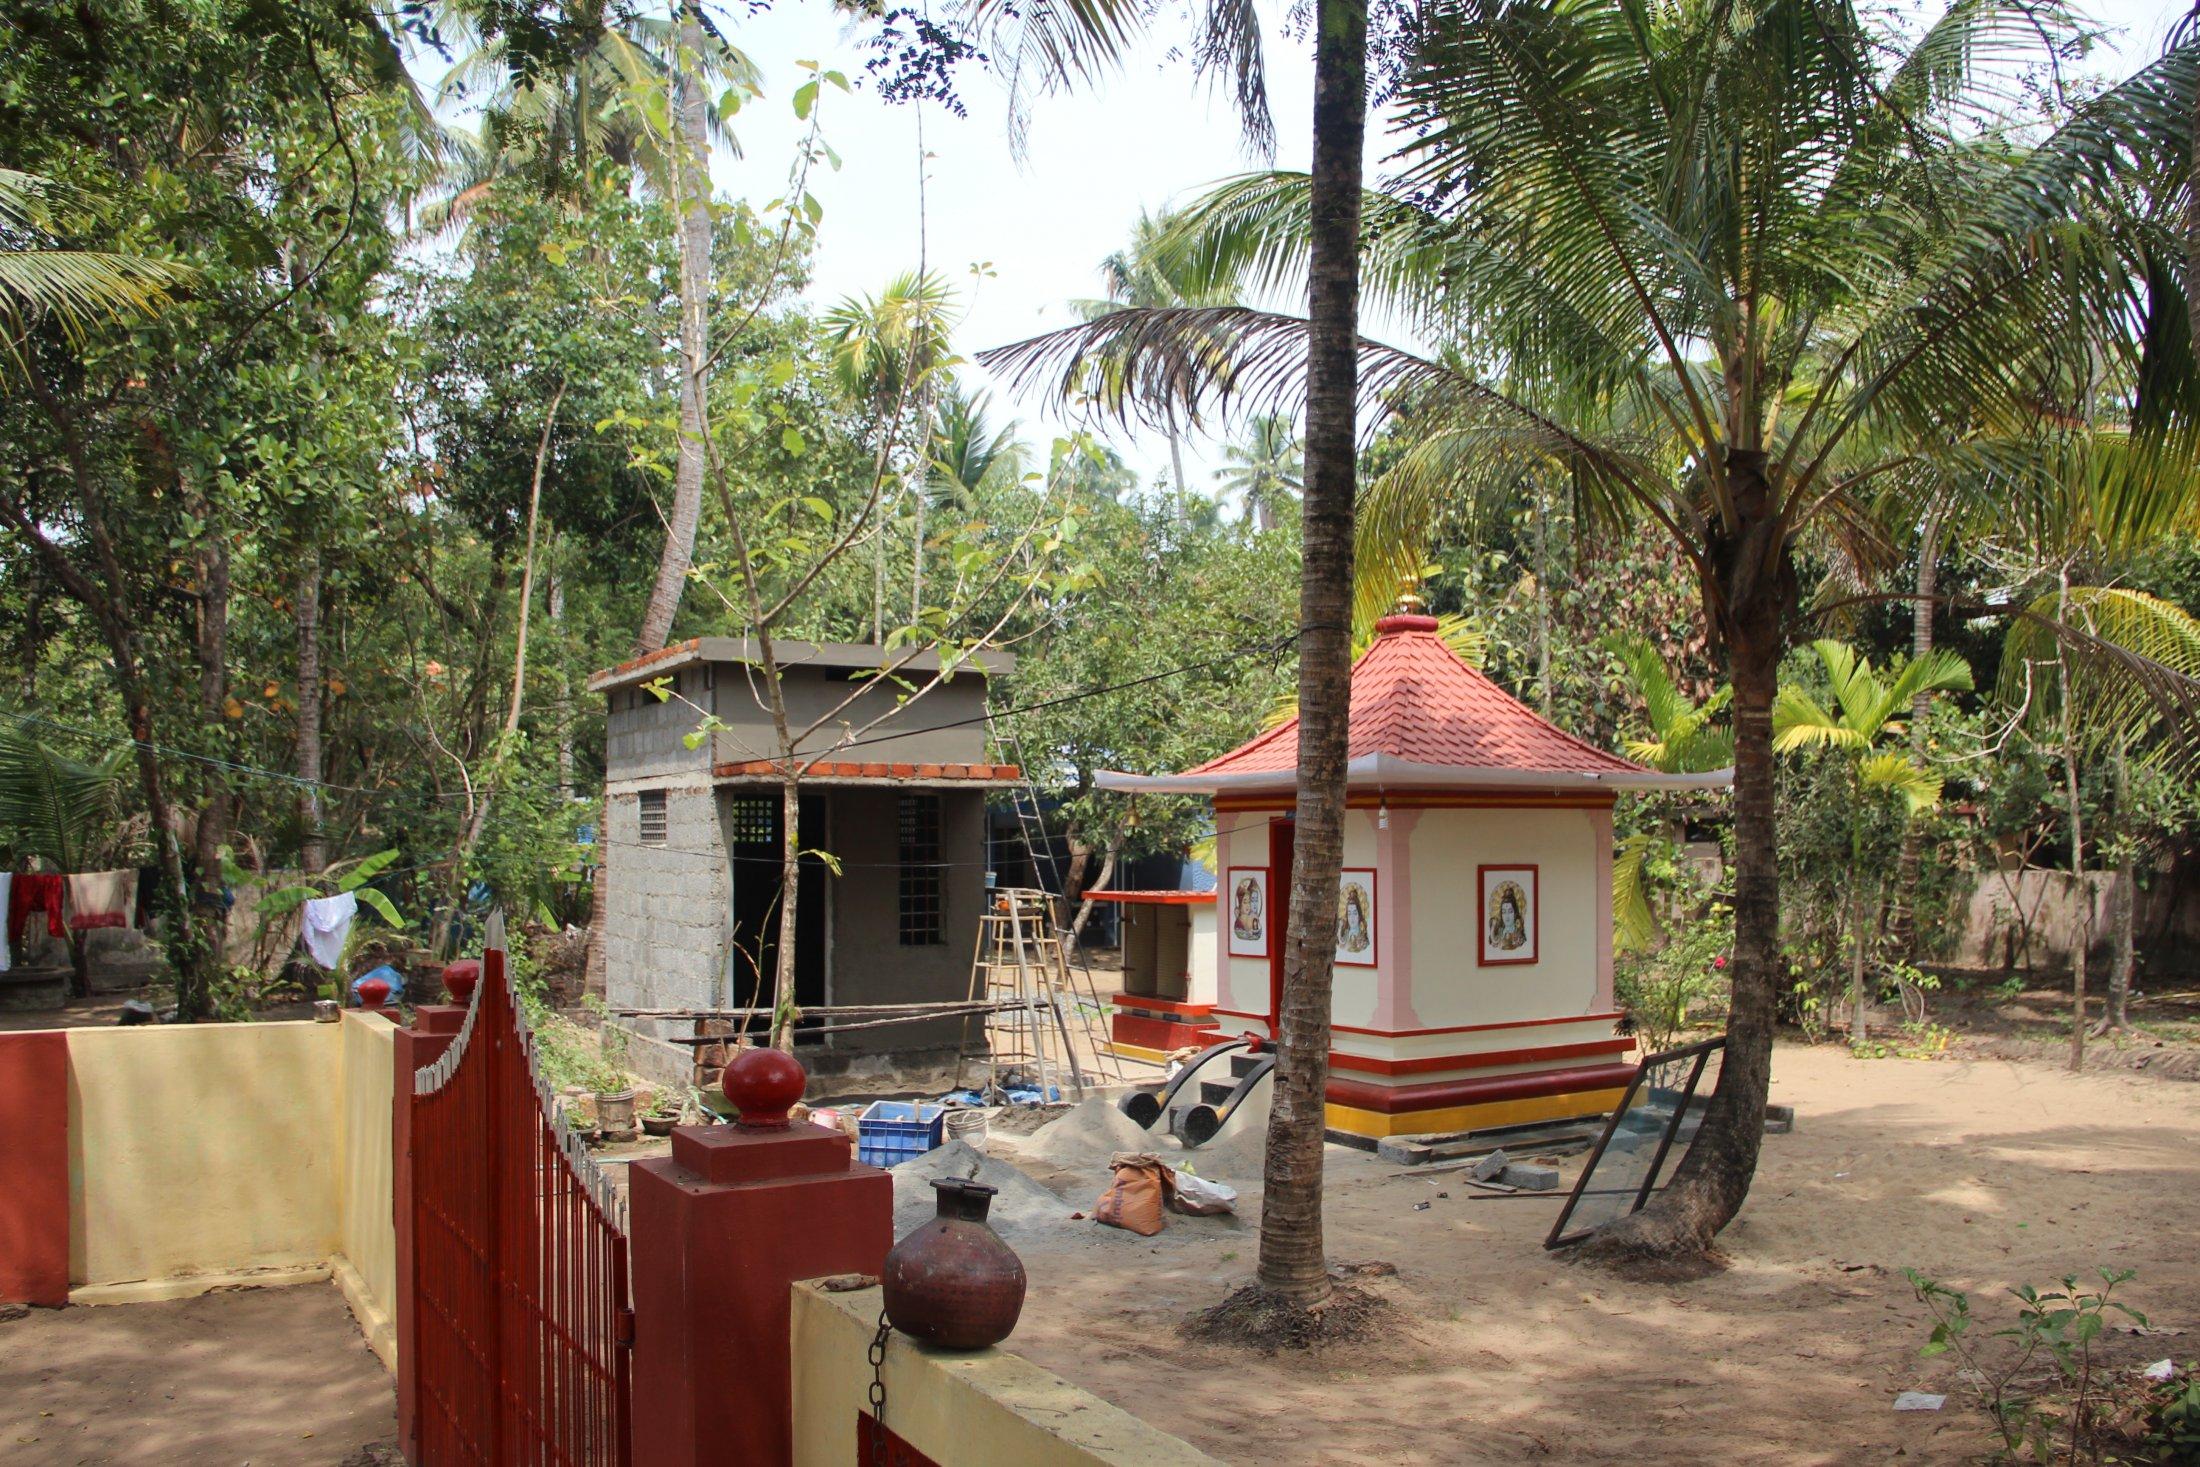 Neelima India 2012 Dec-FeB 1281